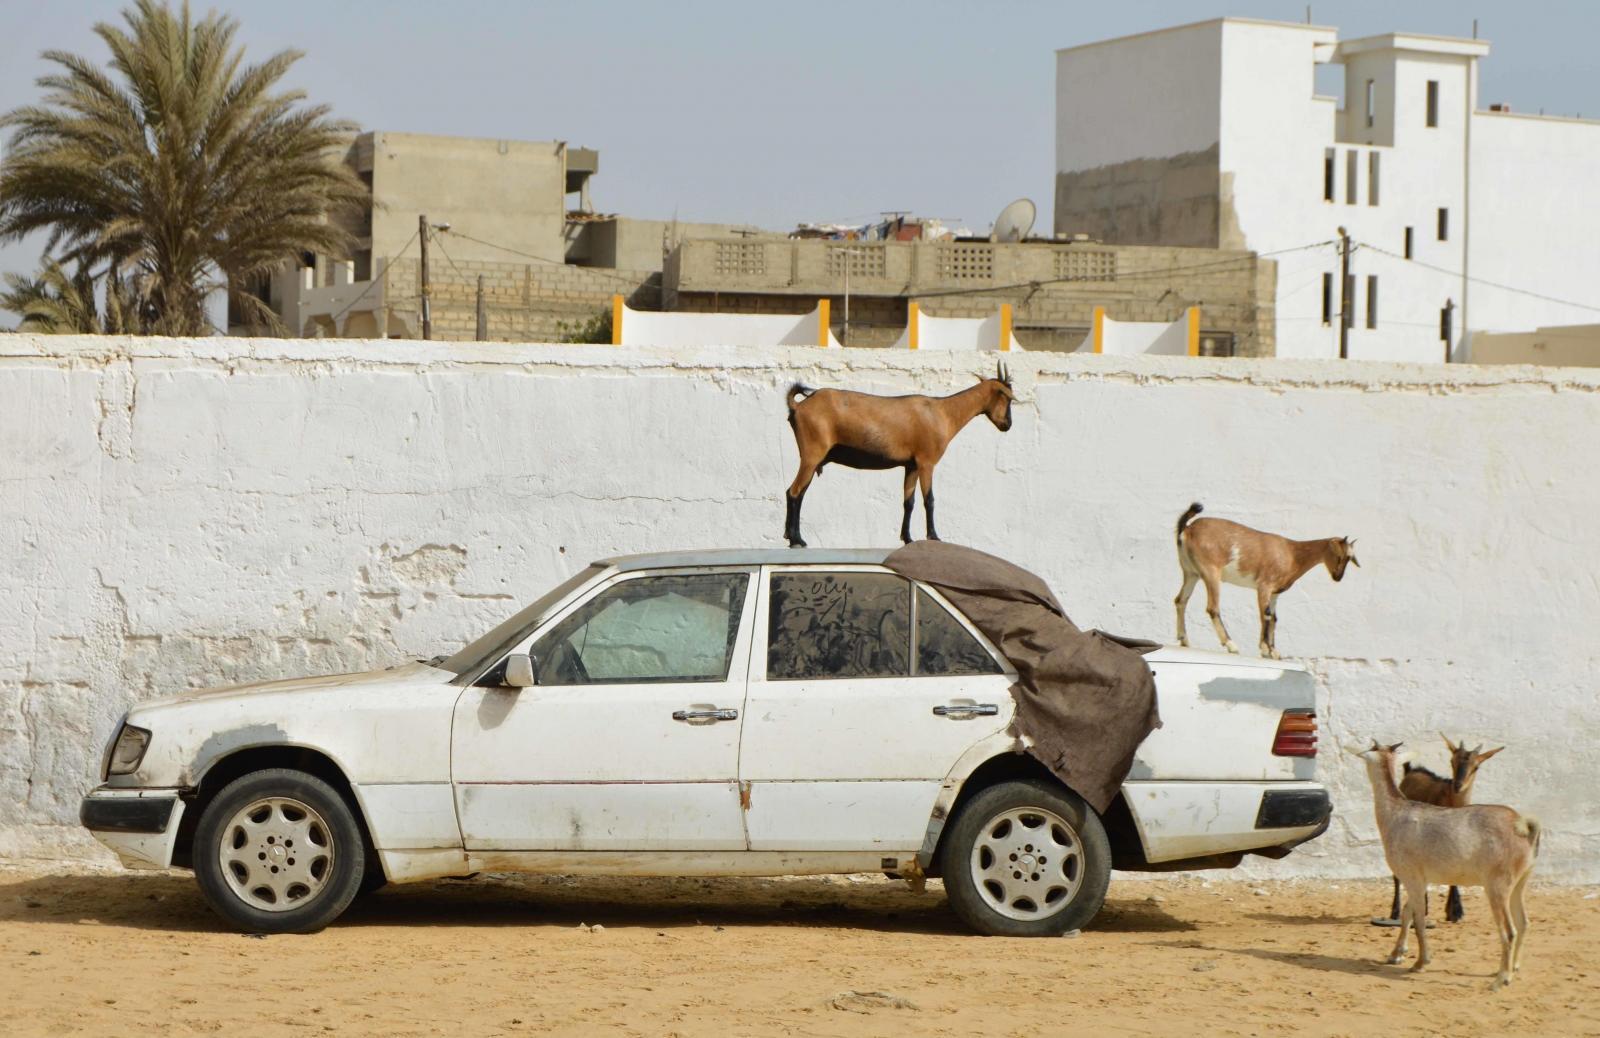 Un paisaje senegalés poco común para nuestros voluntarios, lo que puede causar choque cultural